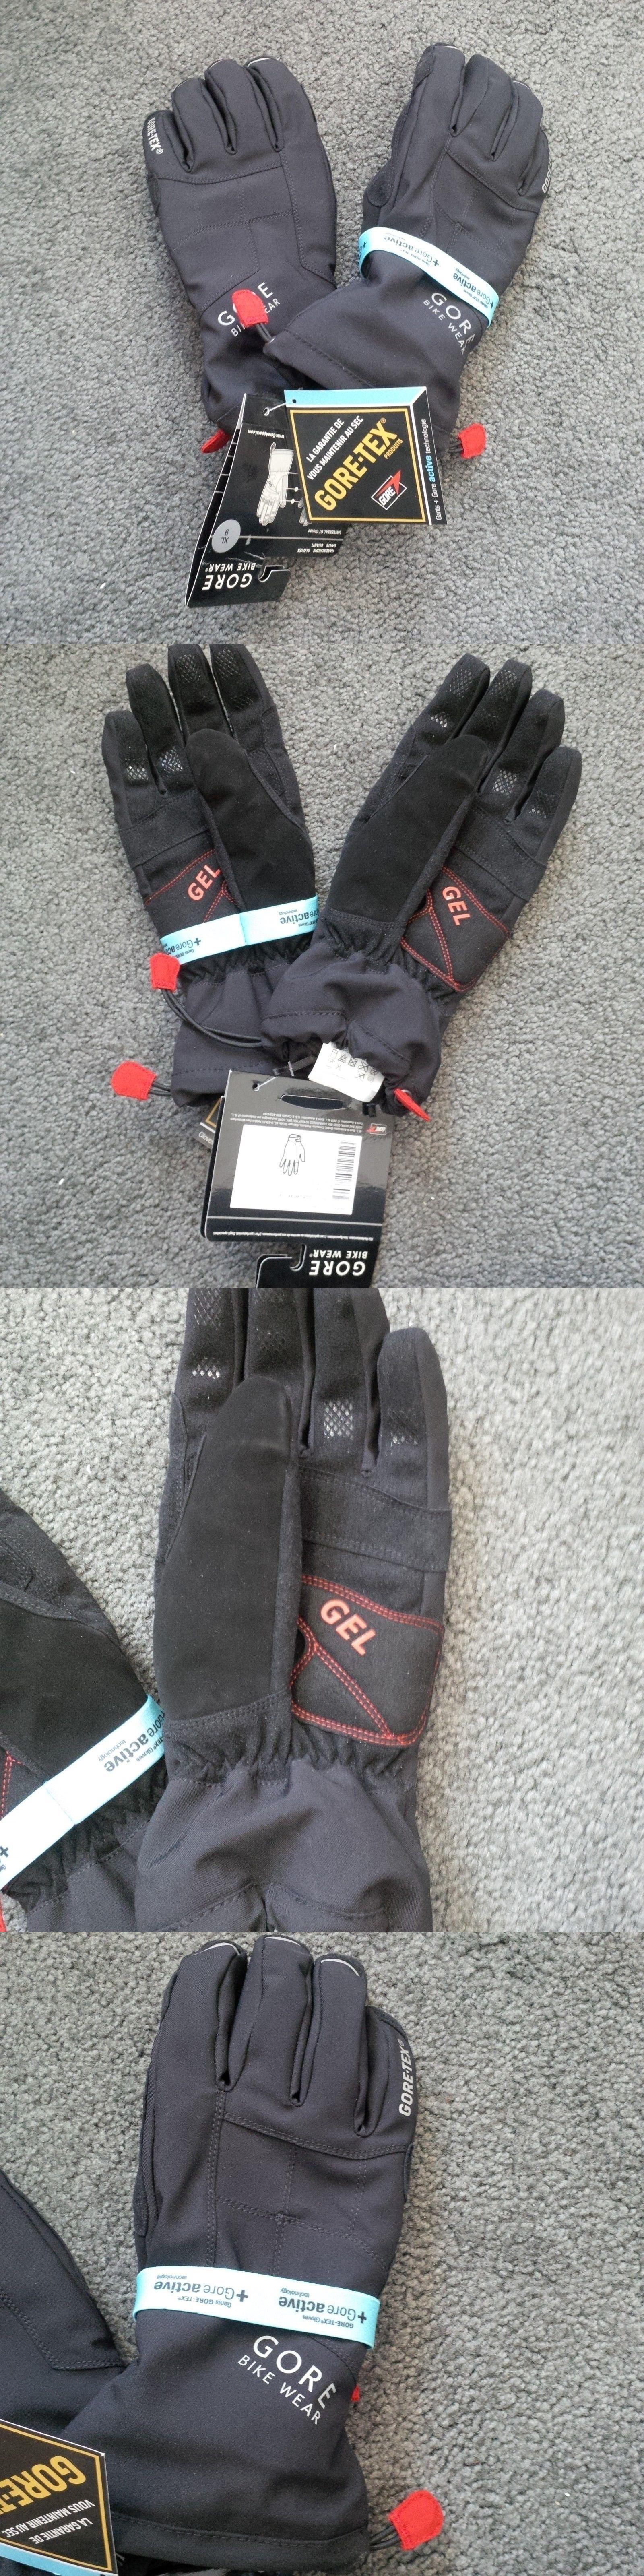 Gloves gore bike wear universal gt glove men s black xl